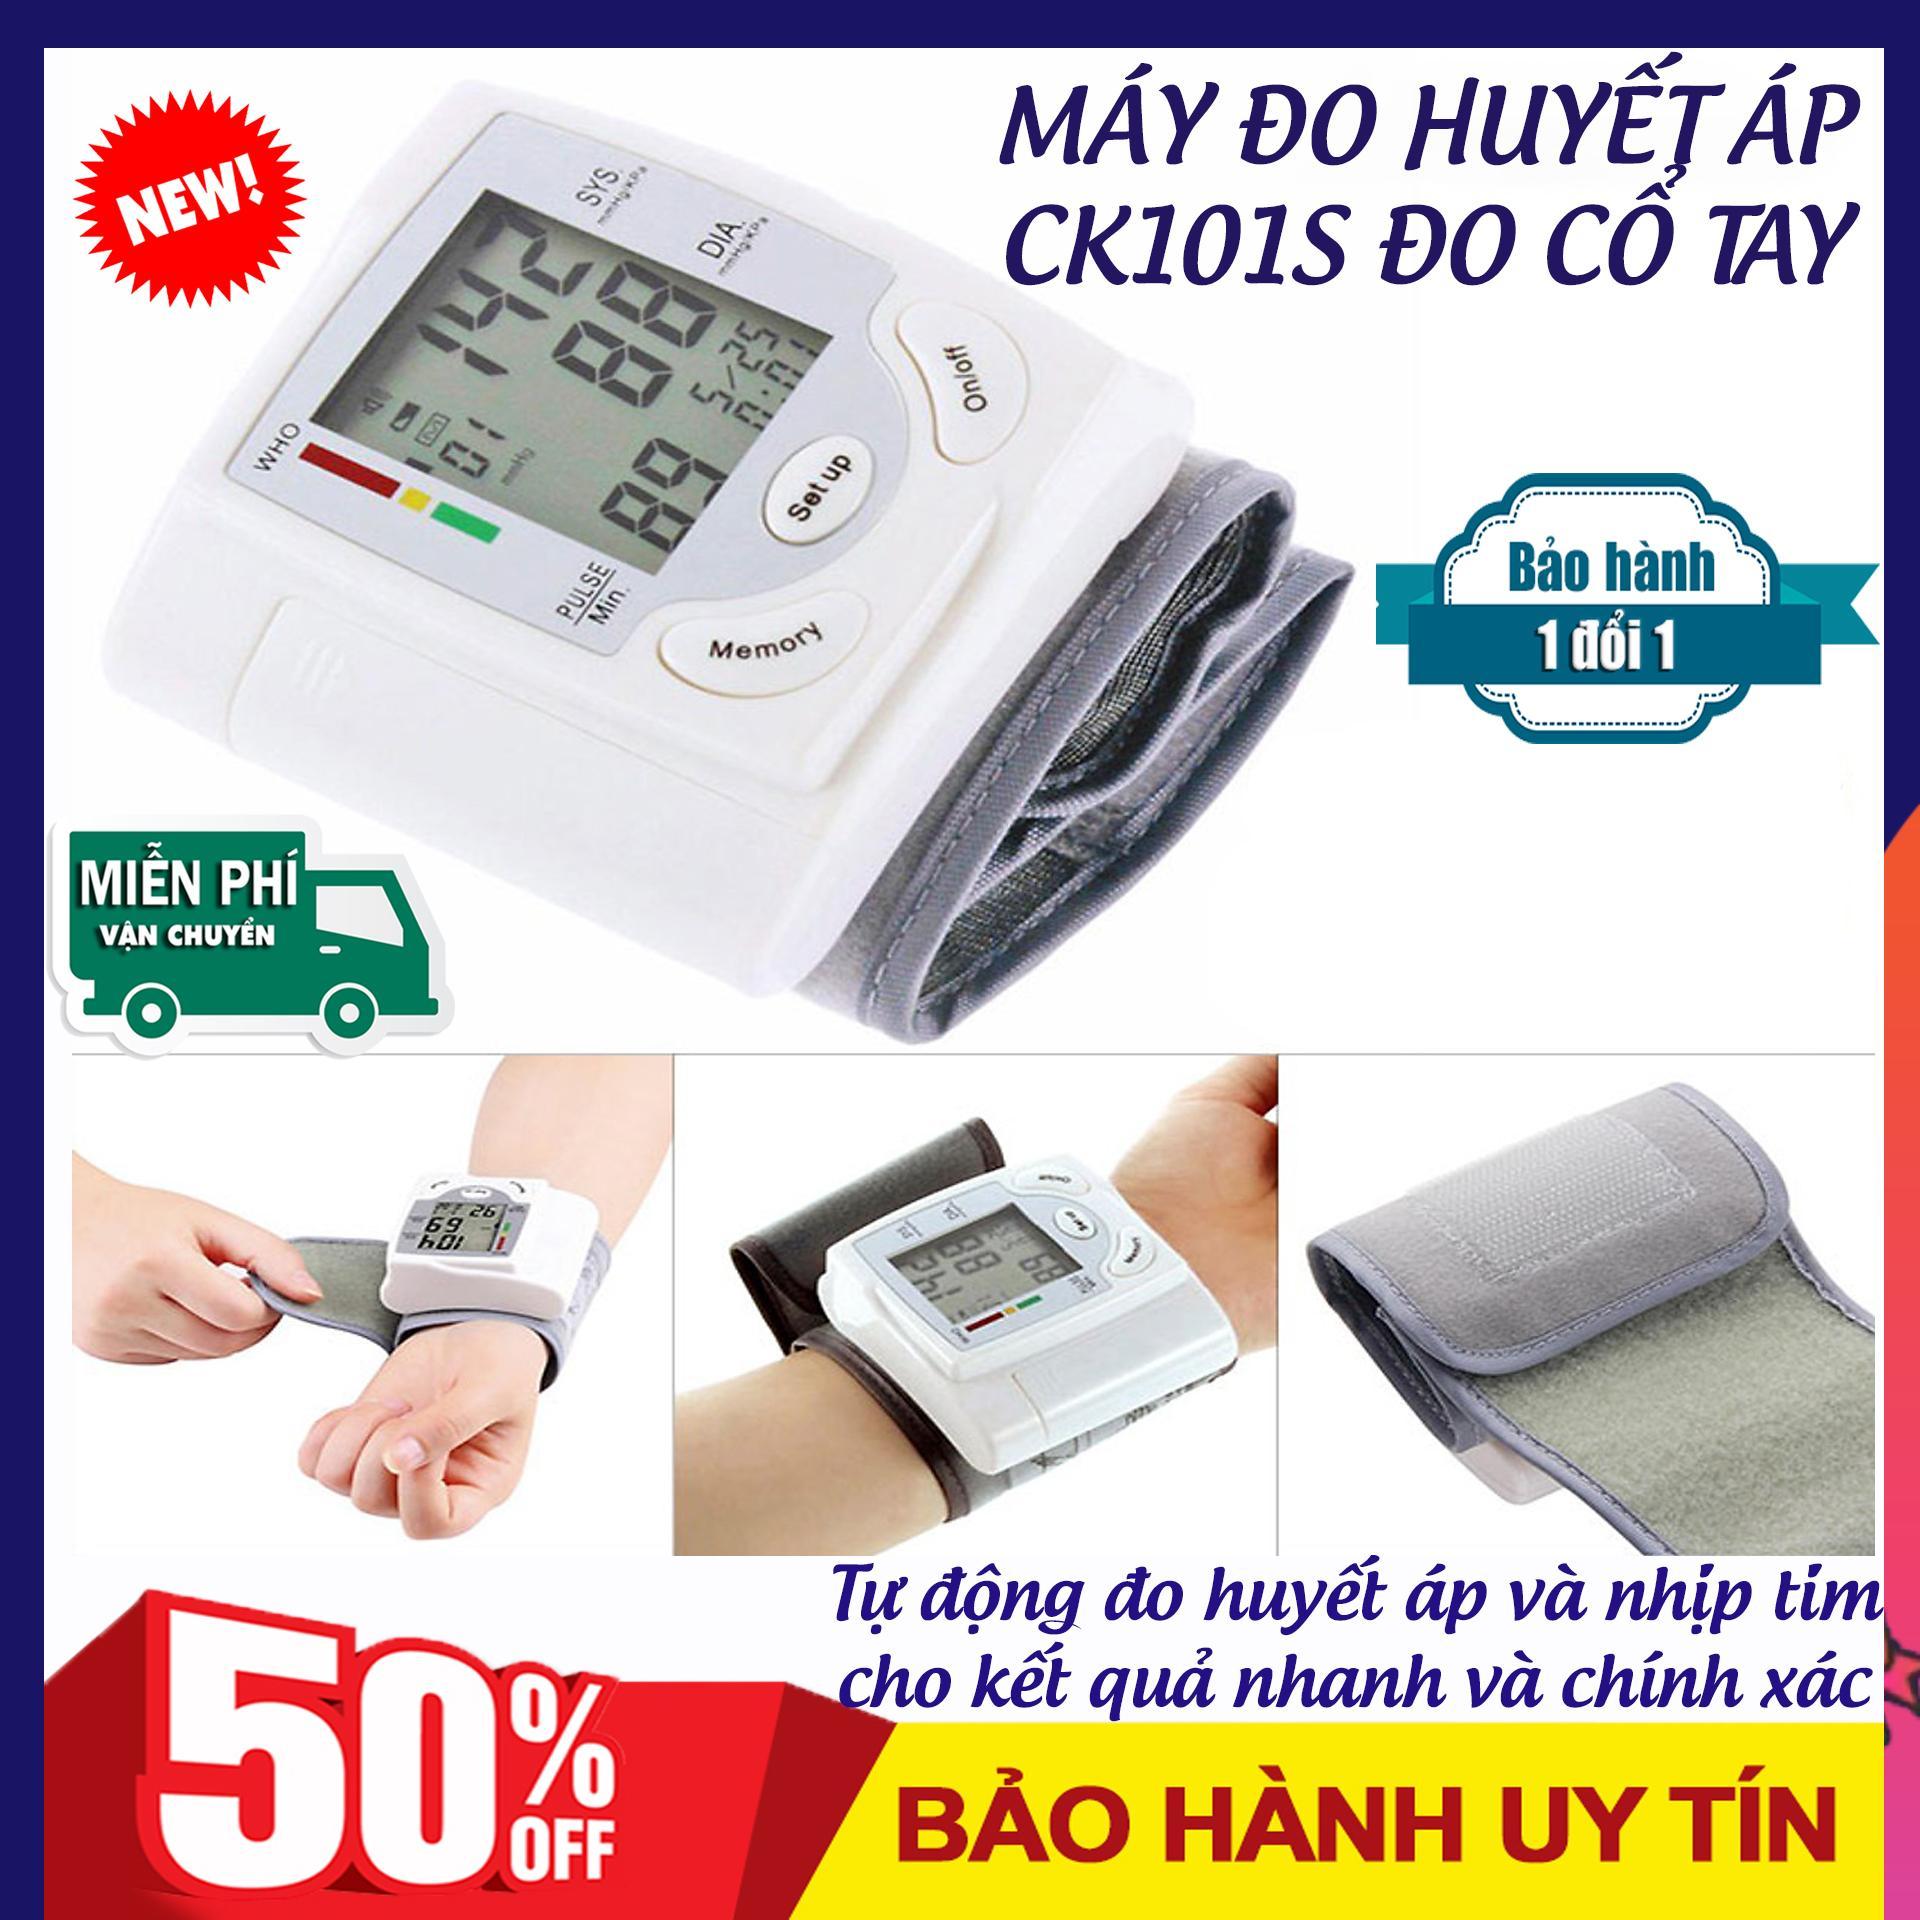 Máy đo huyết áp nhỏ gọn, Máy đo huyết áp loại dễ dùng, Mua Thiết bị đo huyết áp CK101S ở đâu uy tín. Thiết bị y tế gia đình bảo vệ sức khỏe cả gia đình bạn. Bảo hành 12 tháng. Sale hấp dẫn.